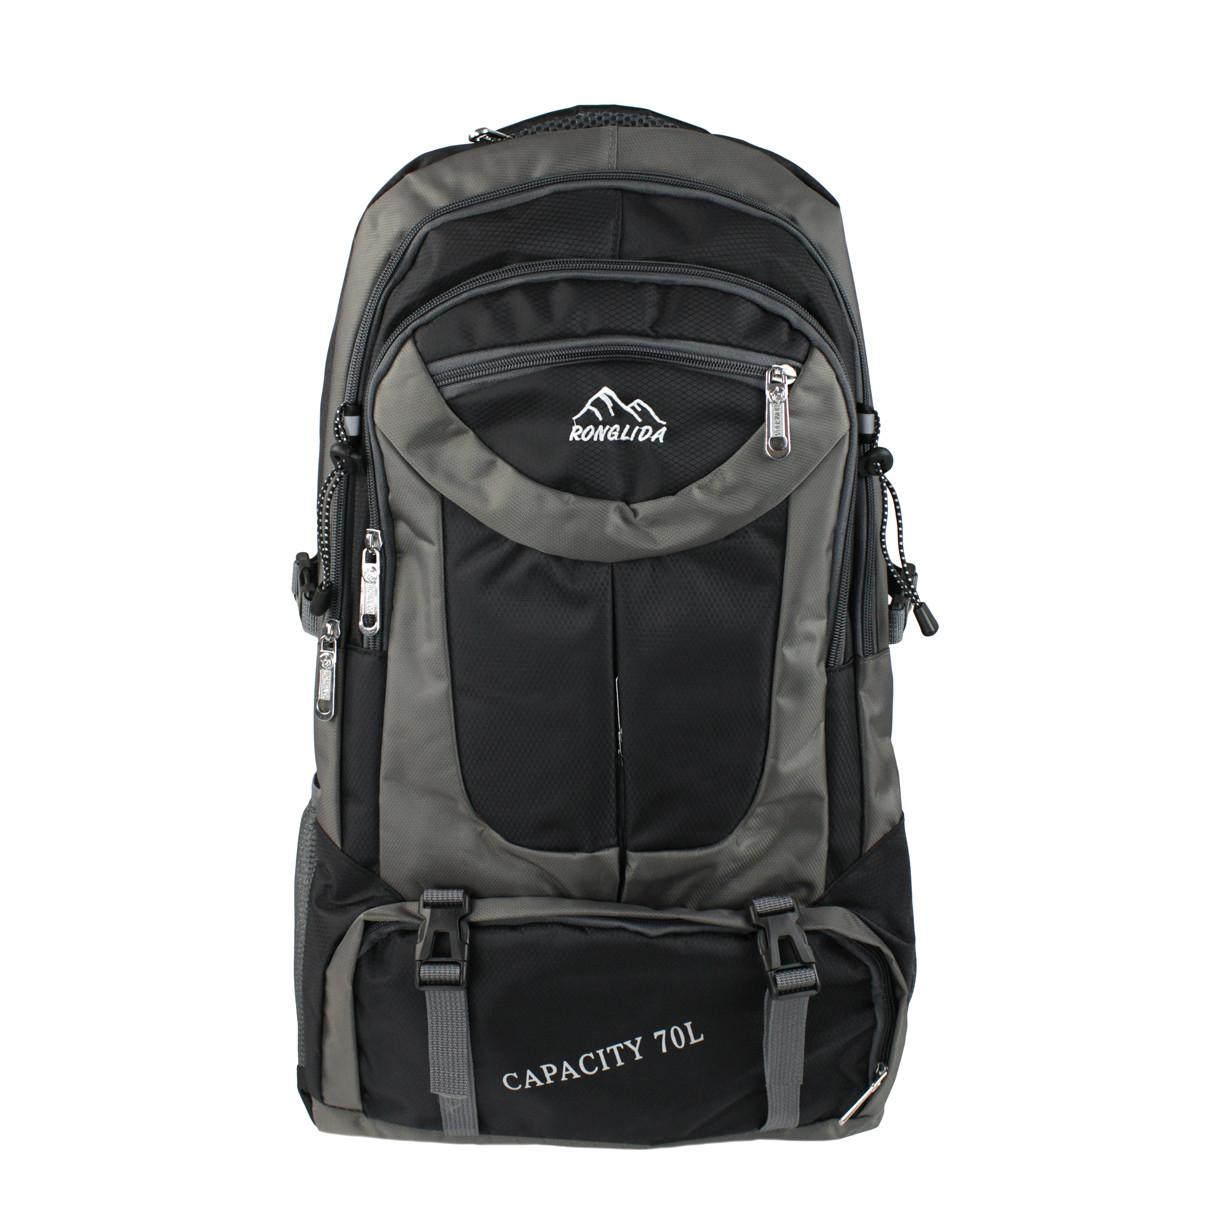 Рюкзак туристичний похідний Ronglida 70 л чорний (716860)